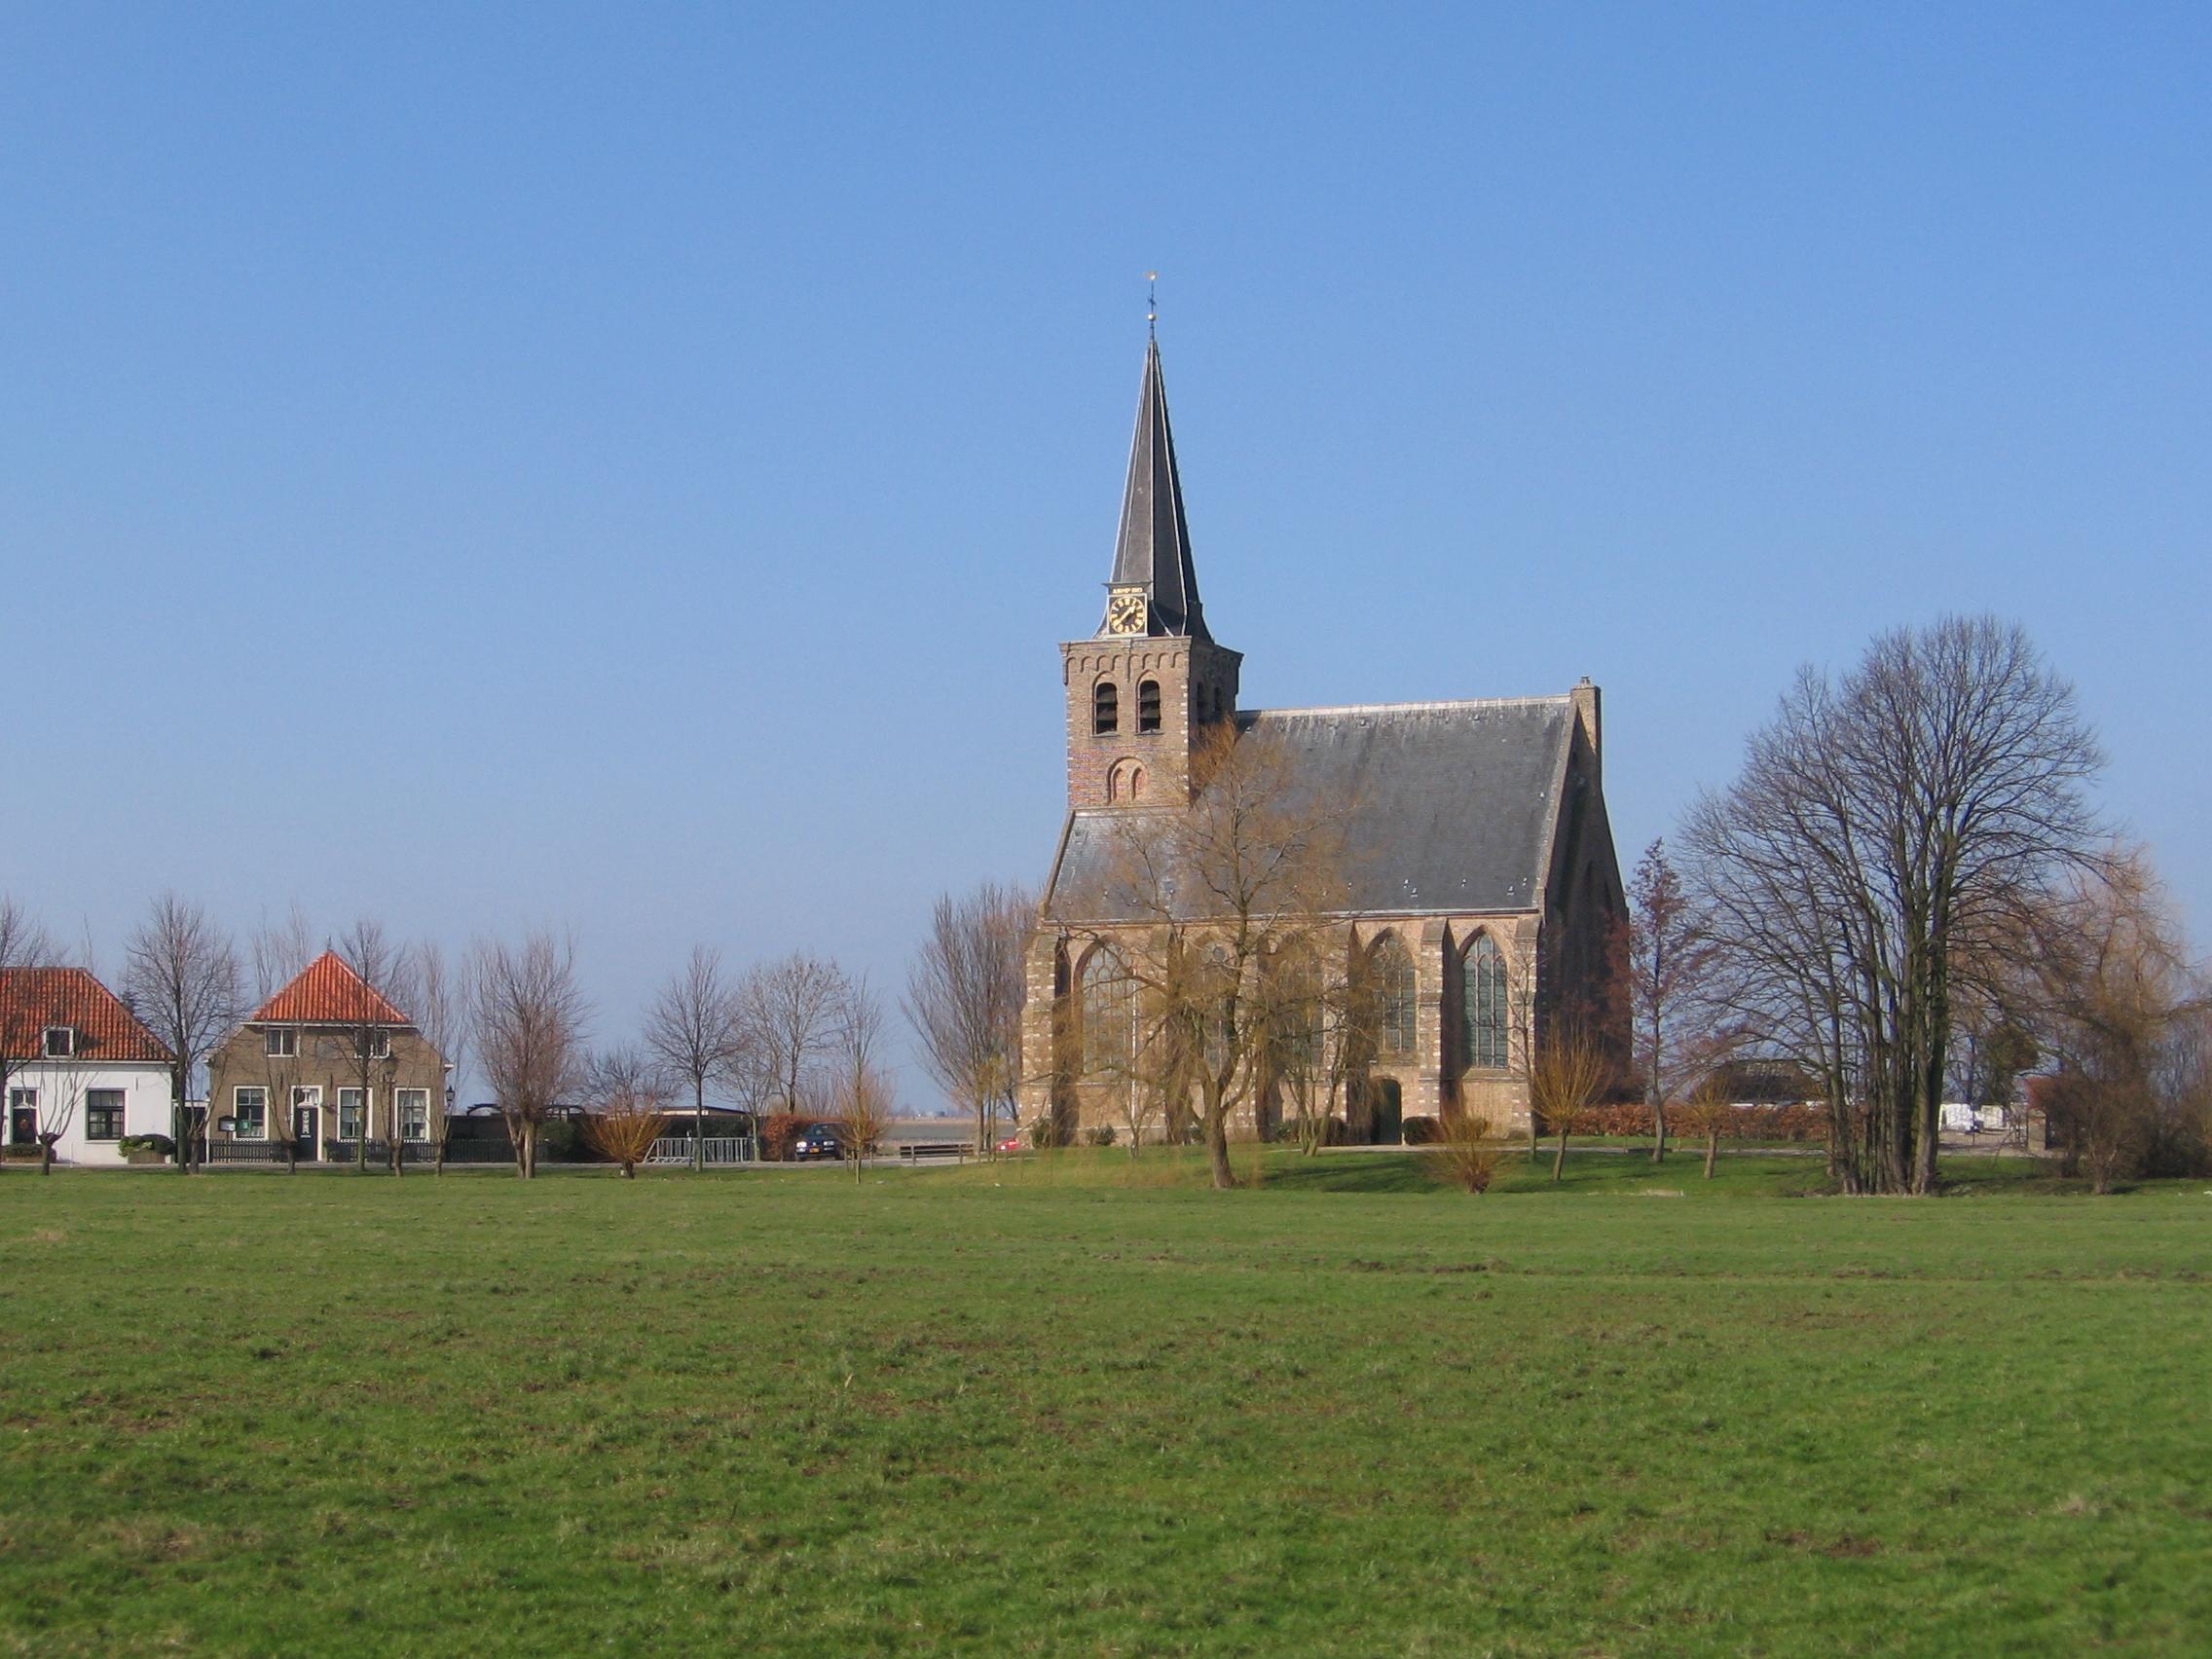 kerk polder in delft